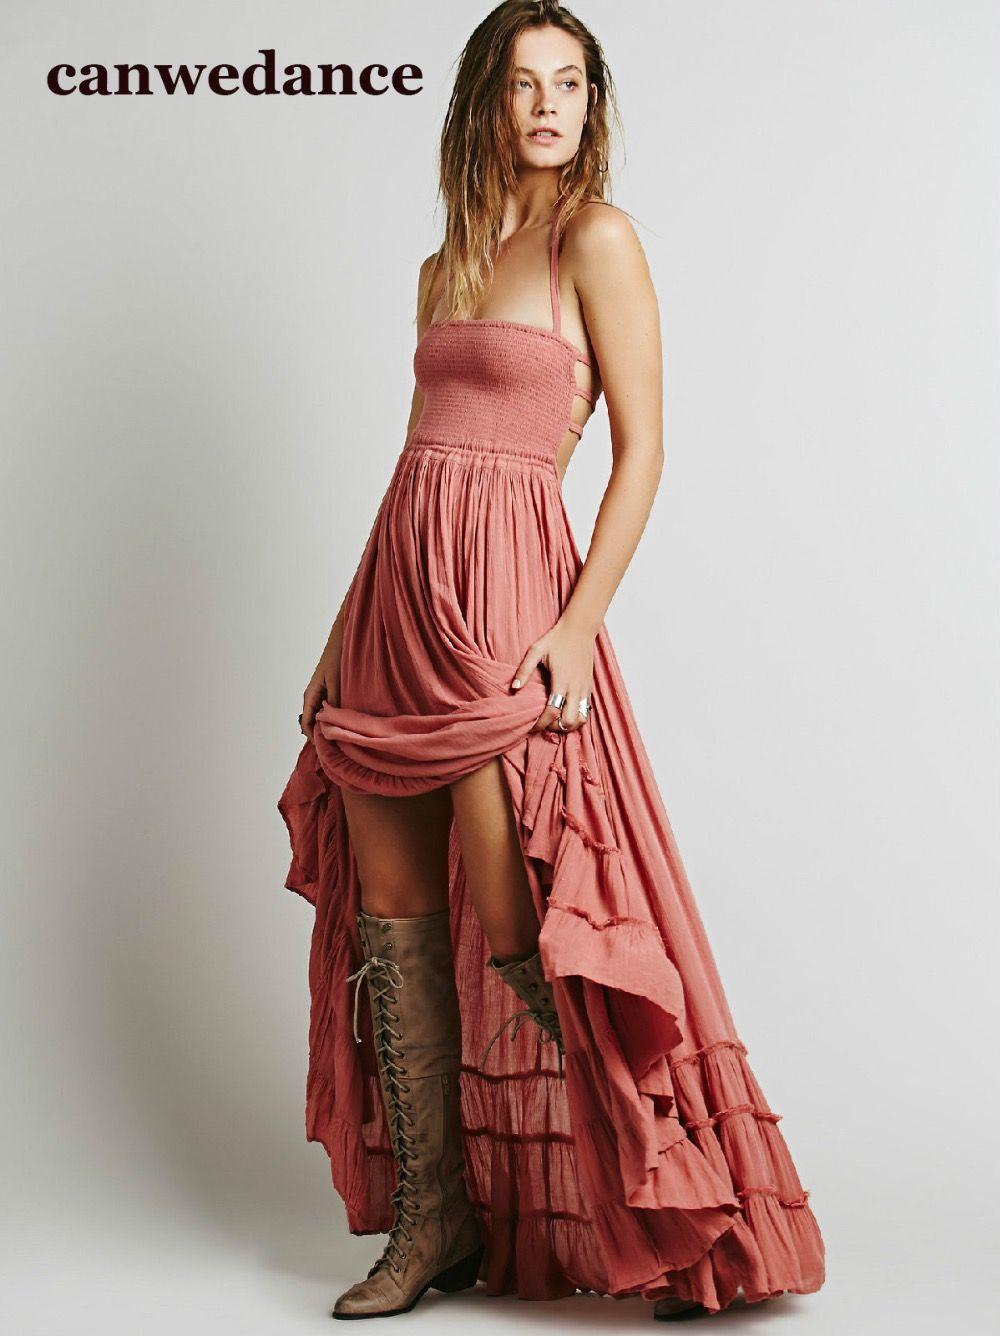 2019 plage robe sexy robes boho bohème personnes vacances été long dos nu coton femmes fête hippie chic vestidos mujer